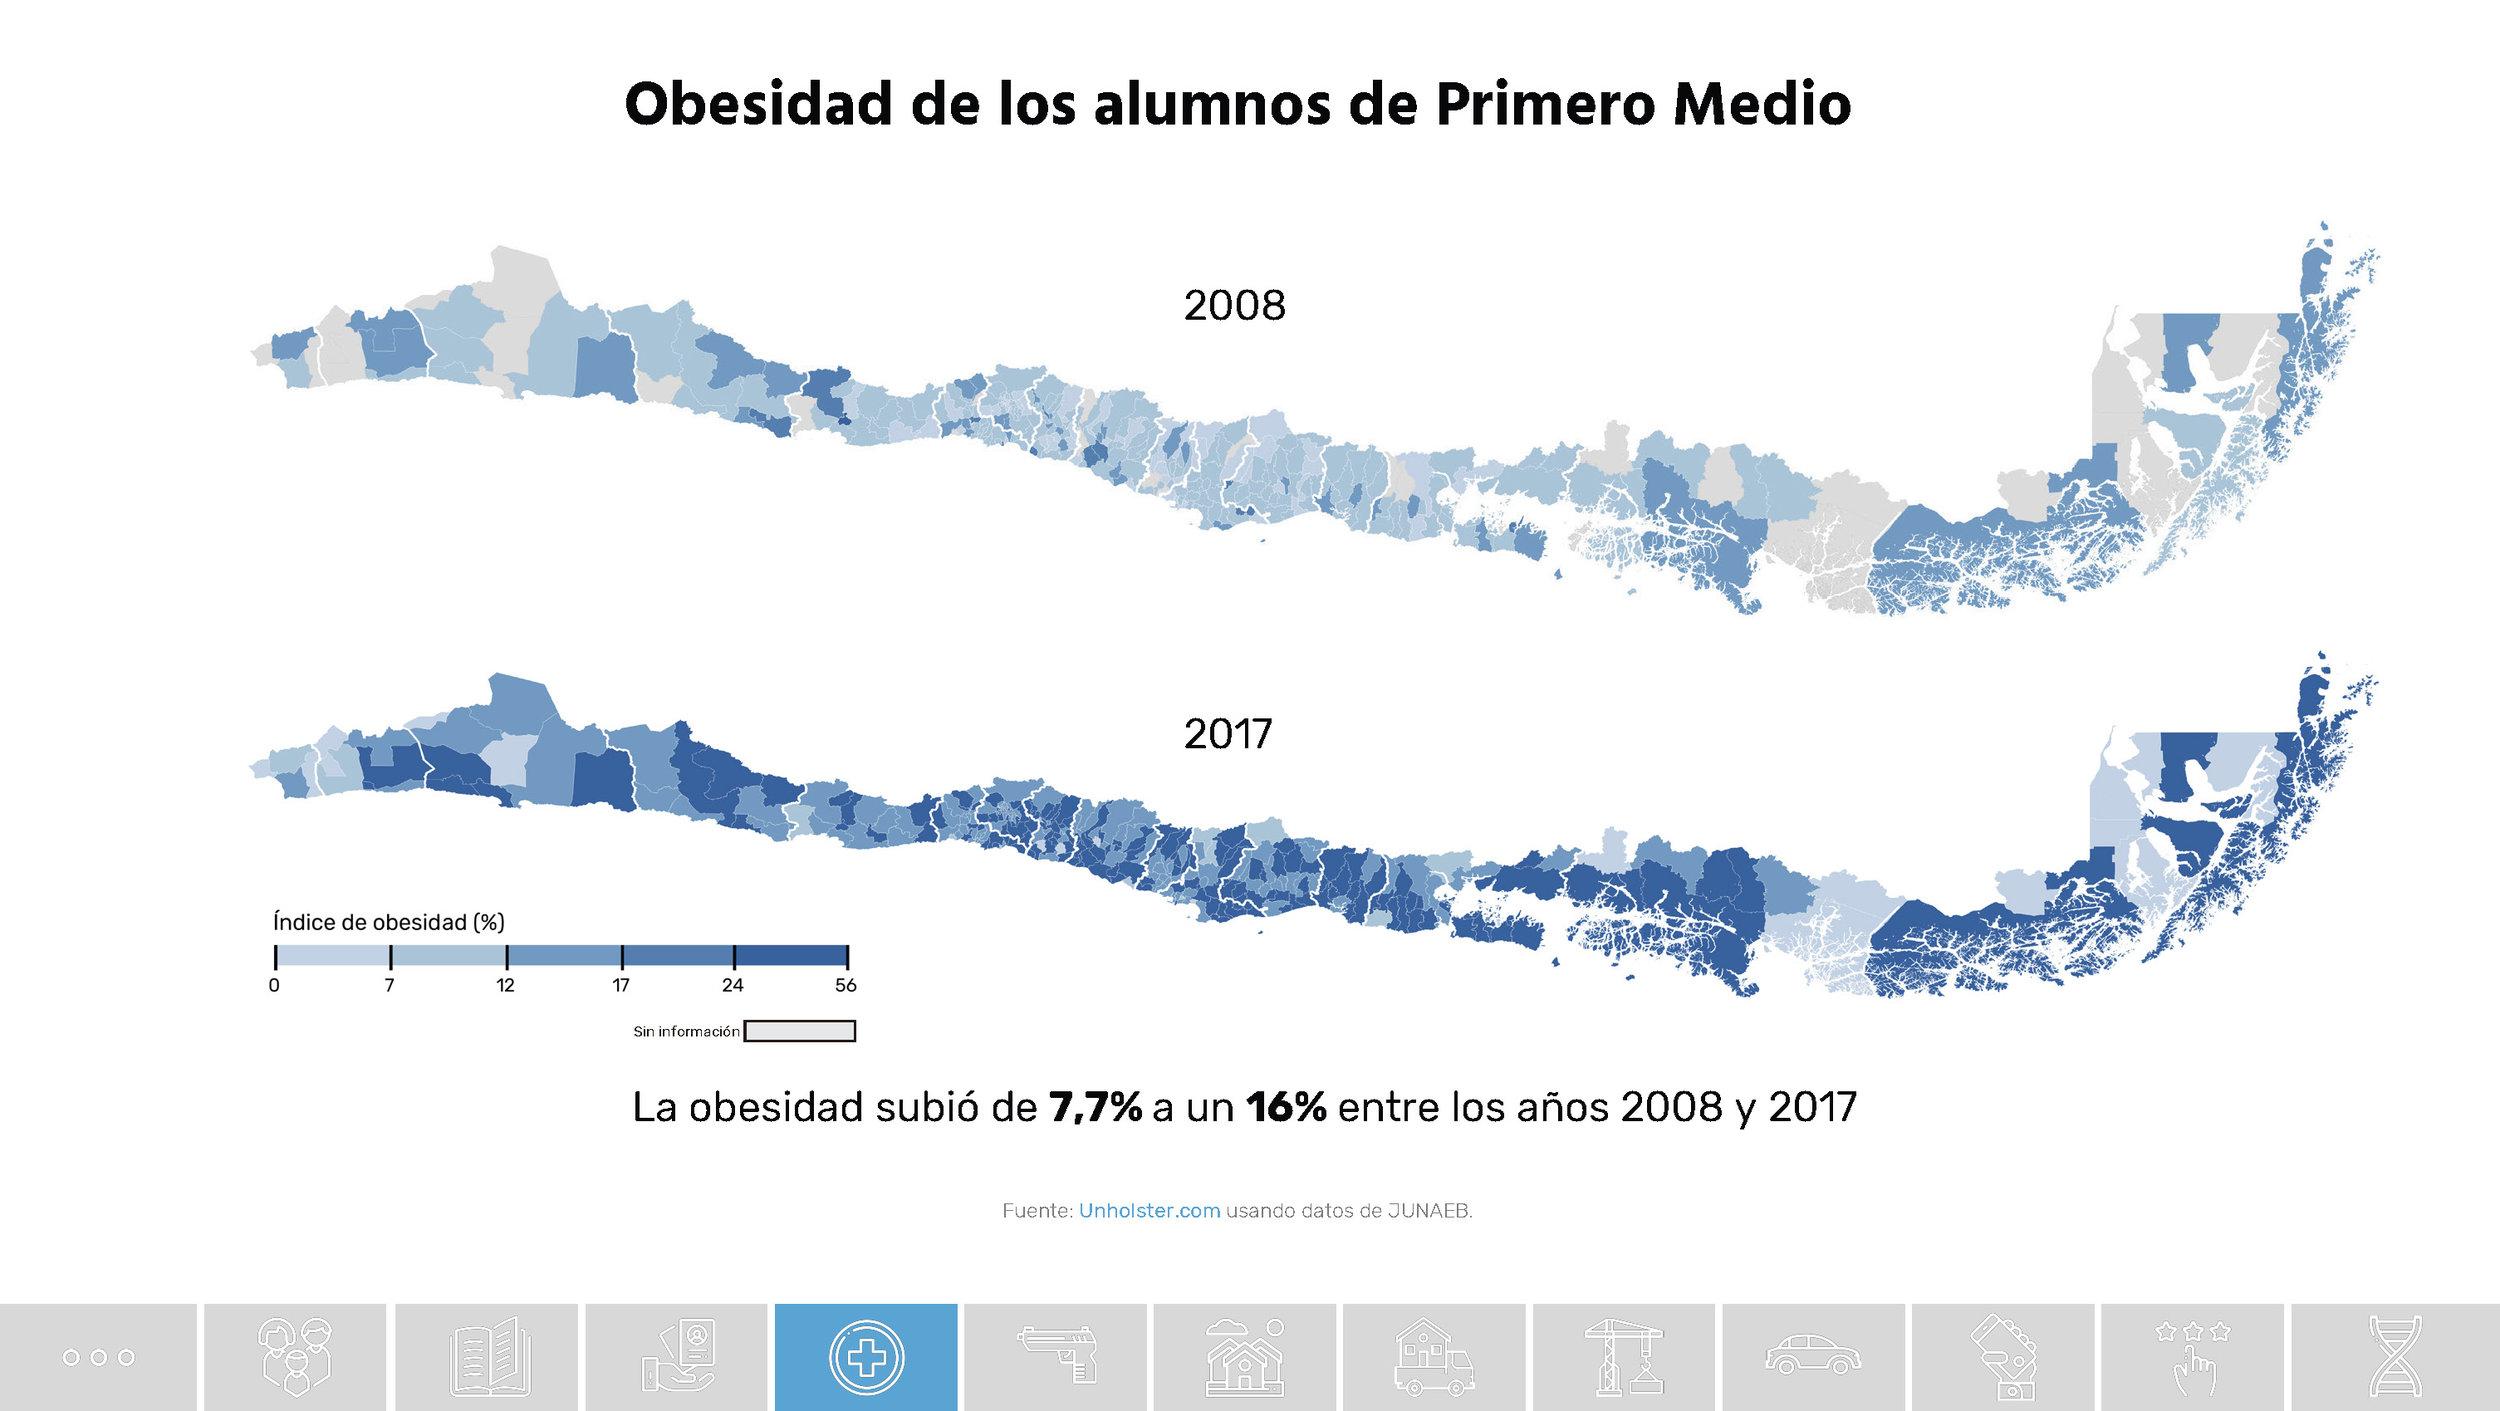 Chile_Datos de una transformacion social_Unholster_Página_45.jpg